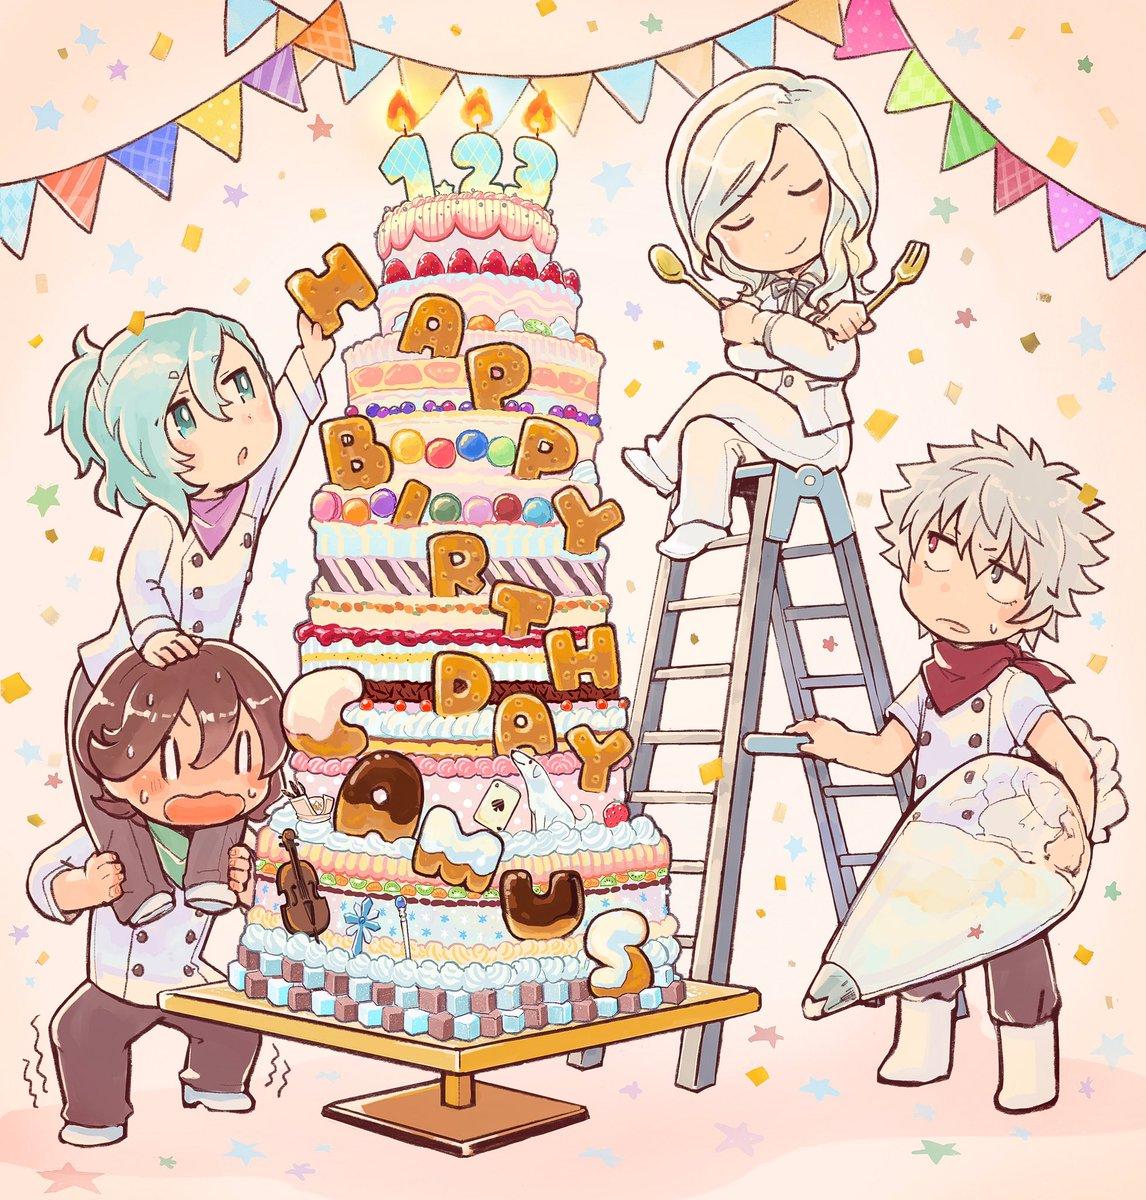 カミュお誕生日おめでとうございます!素敵な一年になりますように カルナイの手作りケーキでお祝い! #…